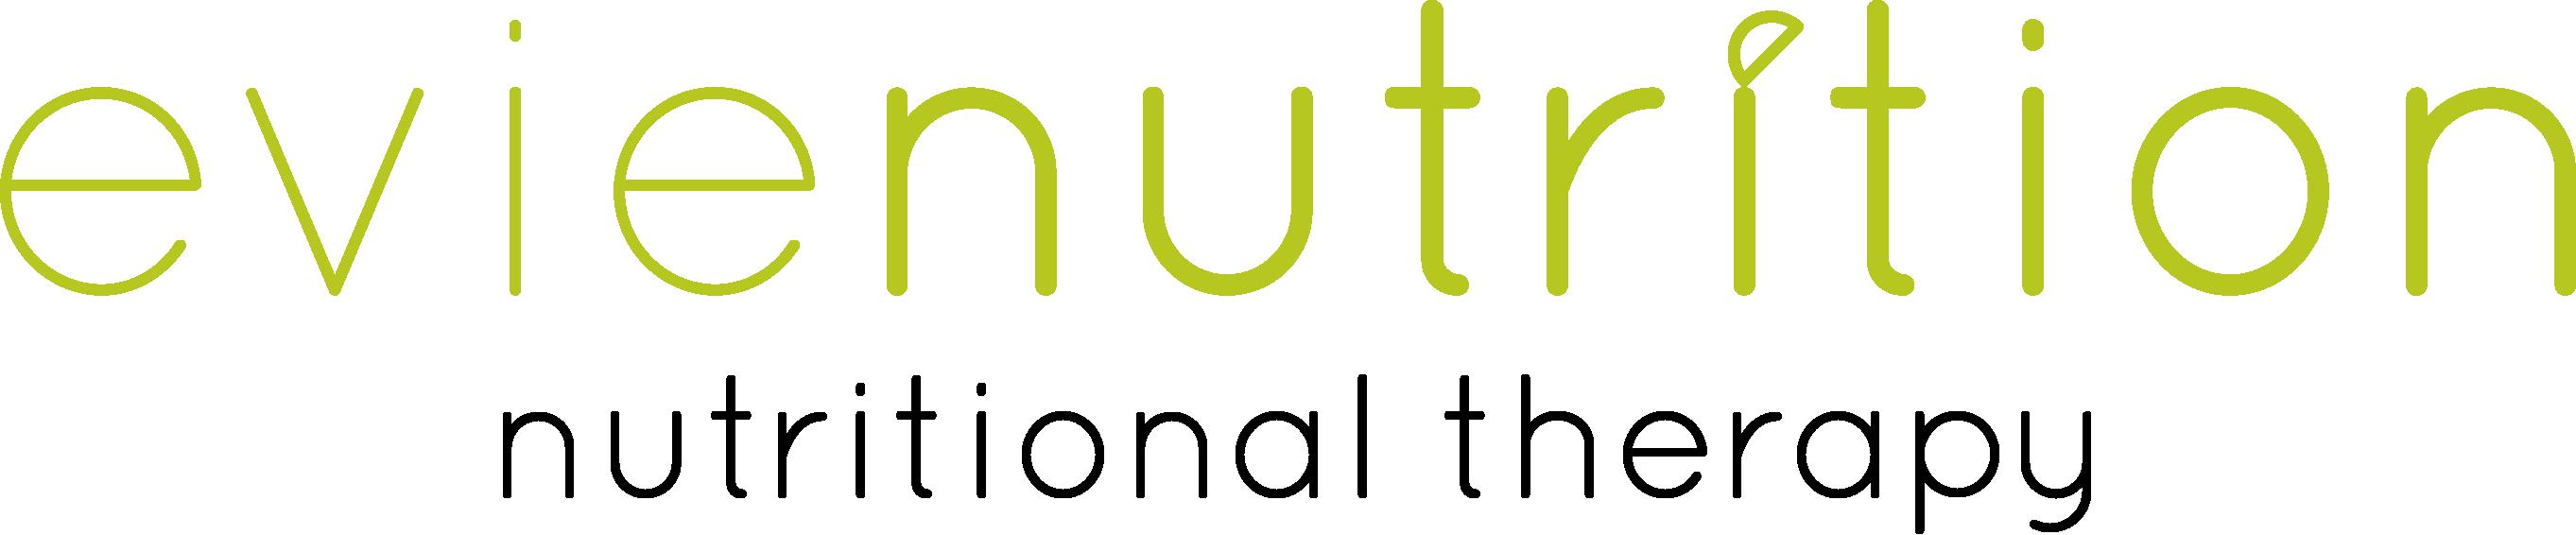 evienutrition